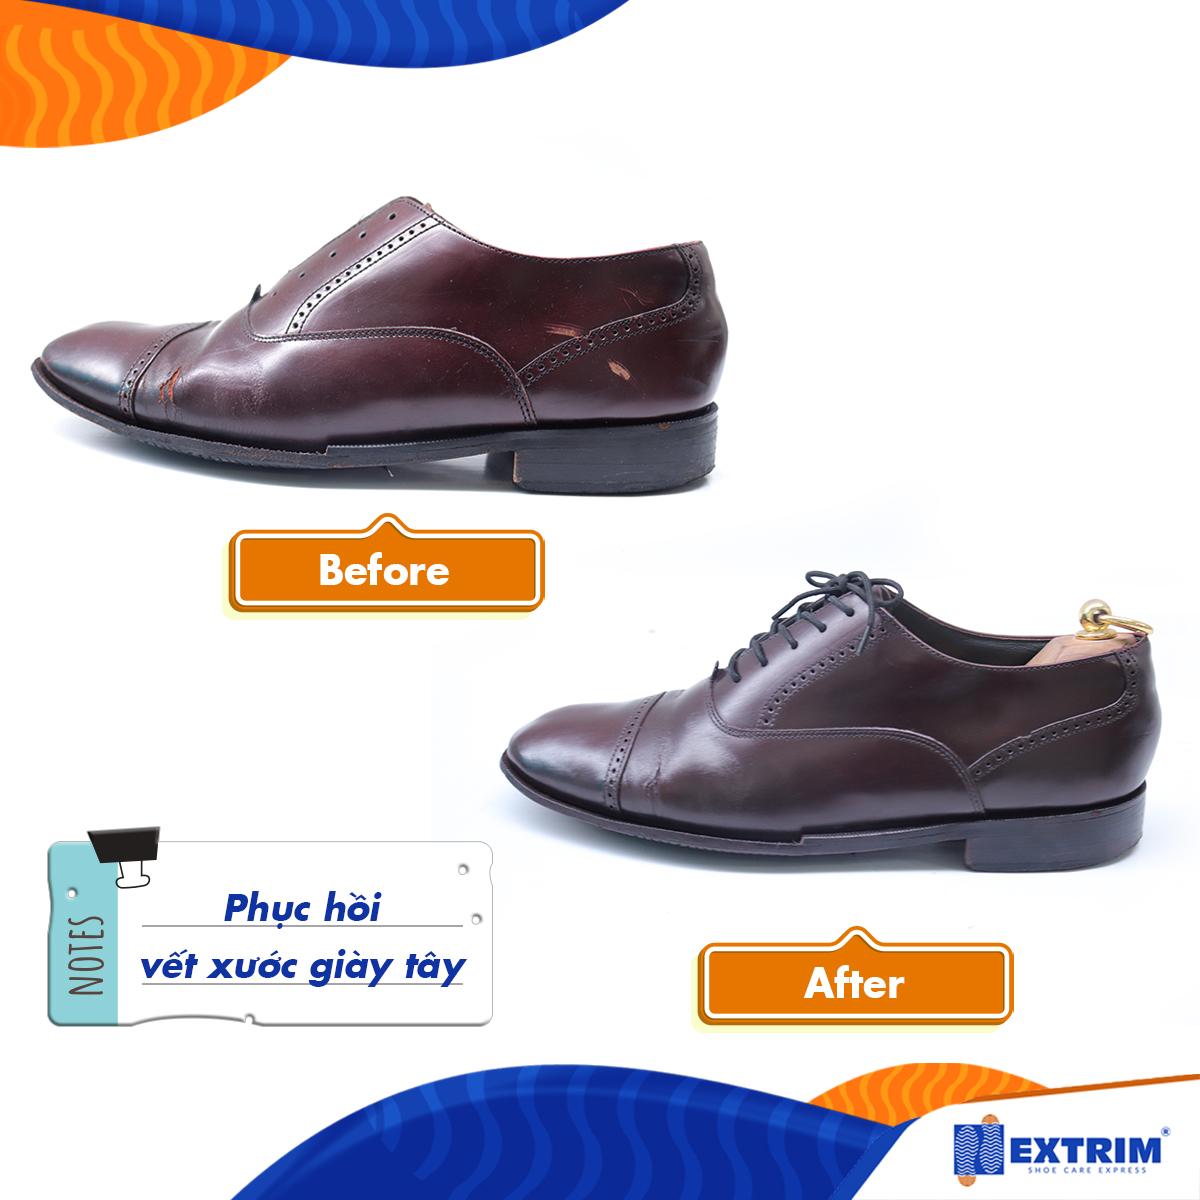 Phục hồi giày da bị bong tróc, bị xước tại Extrim